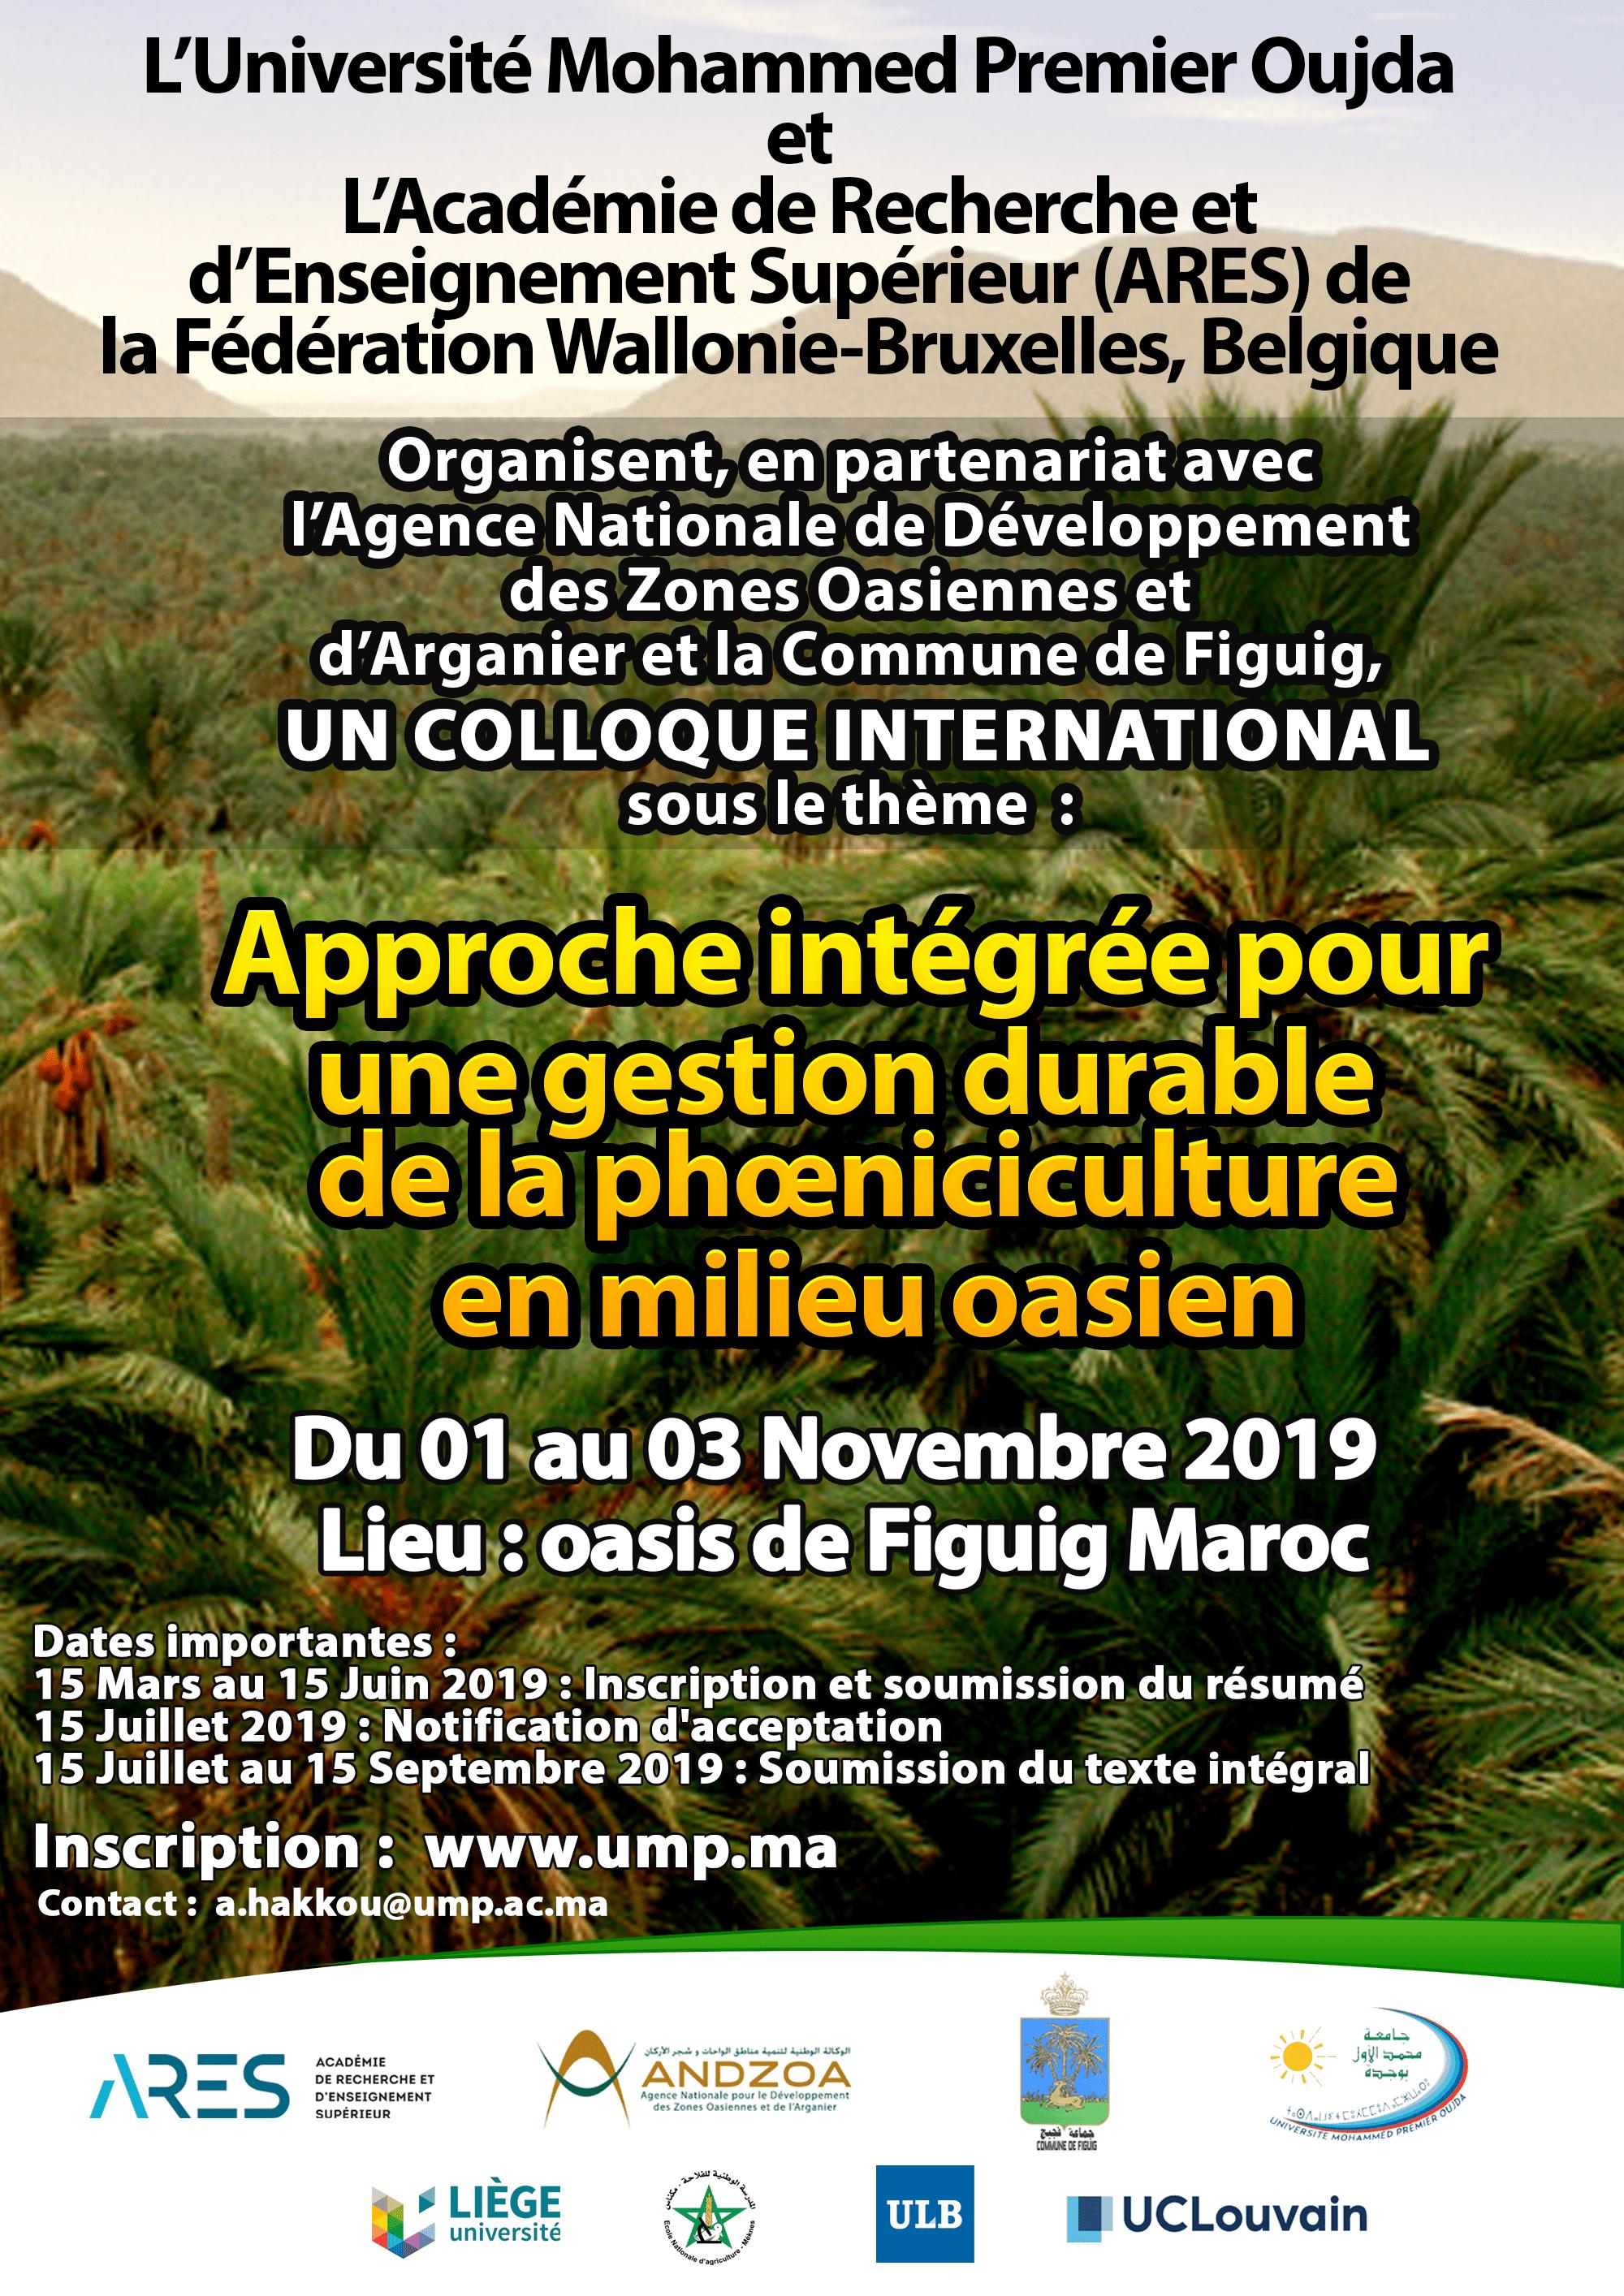 Approche intégrée pour une gestion durable de la phœniciculture en milieu oasien